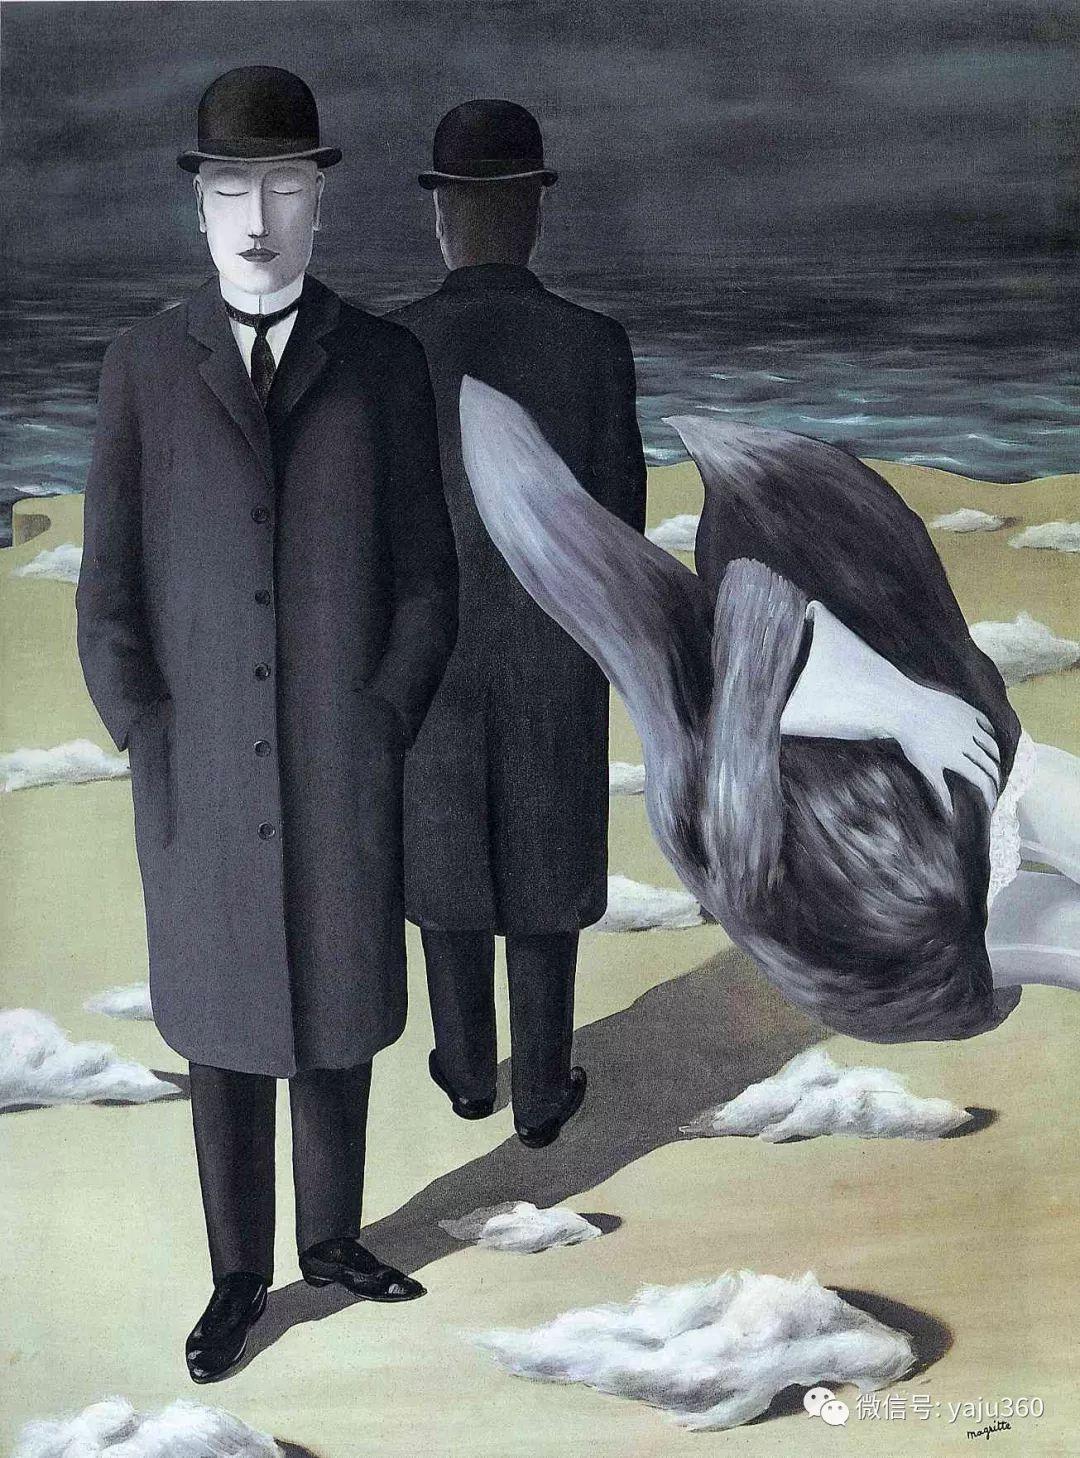 超现实主义 比利时画家Rene Magritte插图83